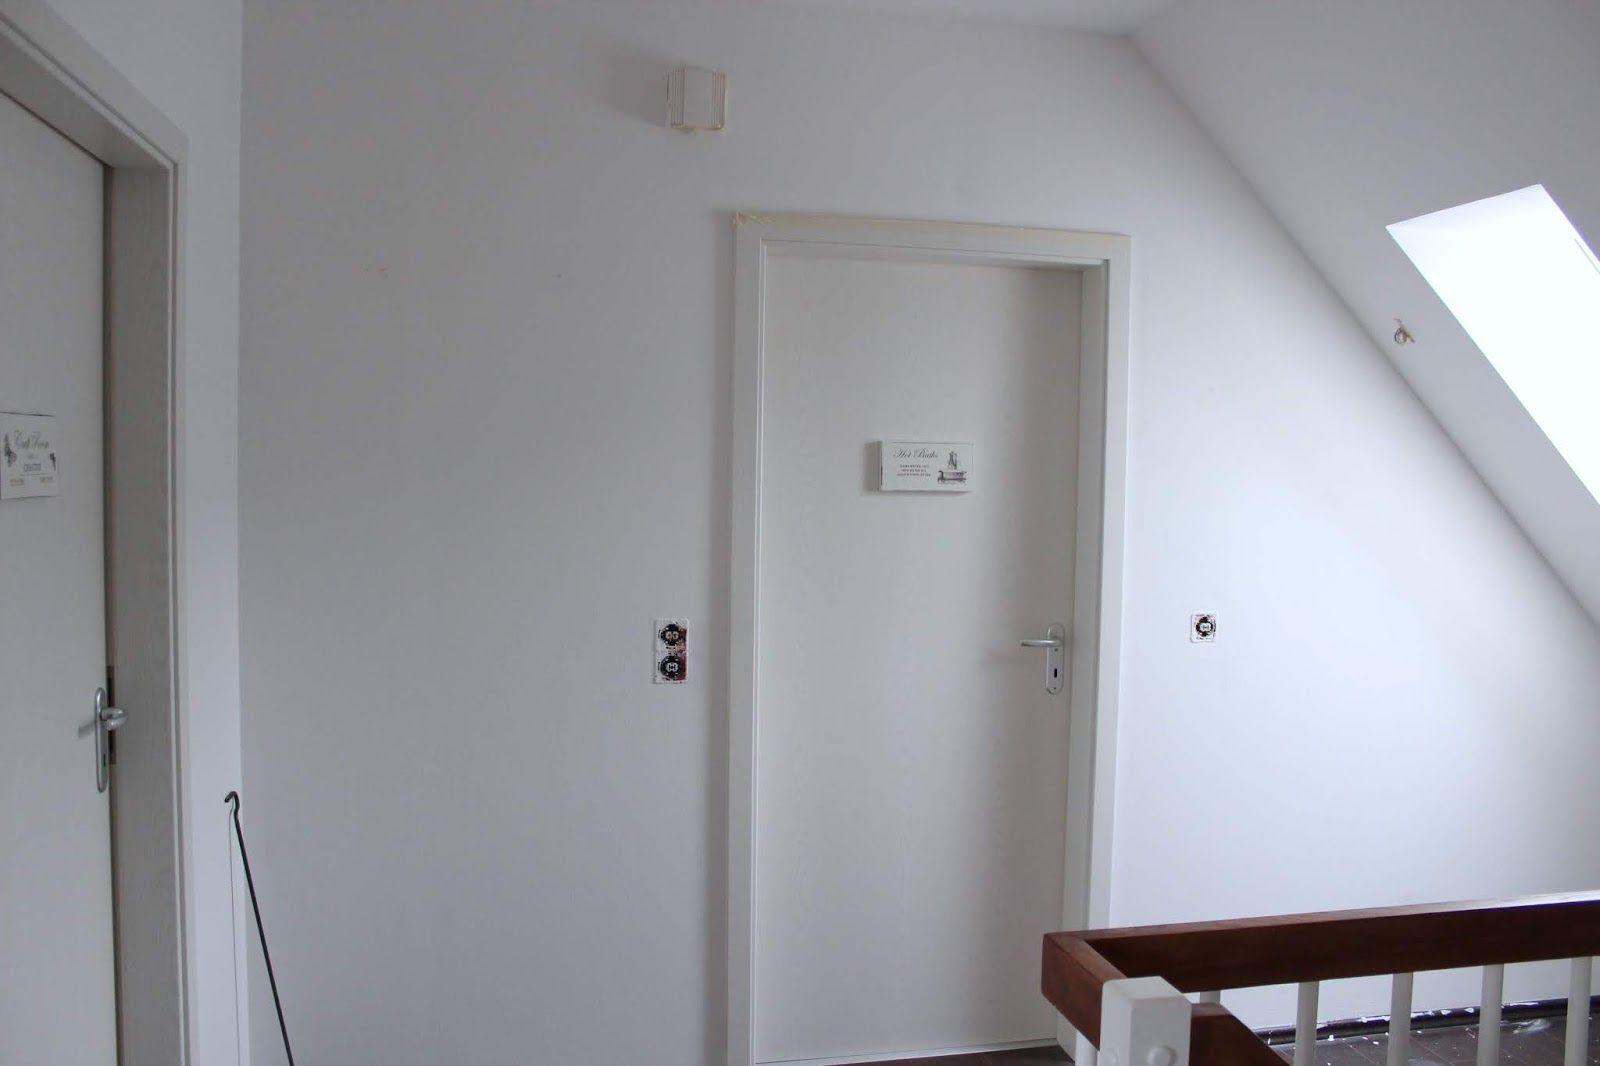 Diy Flur Make Over Inklusive Vorher Nachher Mit Neuer Wandfarbe In Schimmer Optik Shiny Rose Wohnungsrenovierungen Wohnung Renovierung Wandfarbe